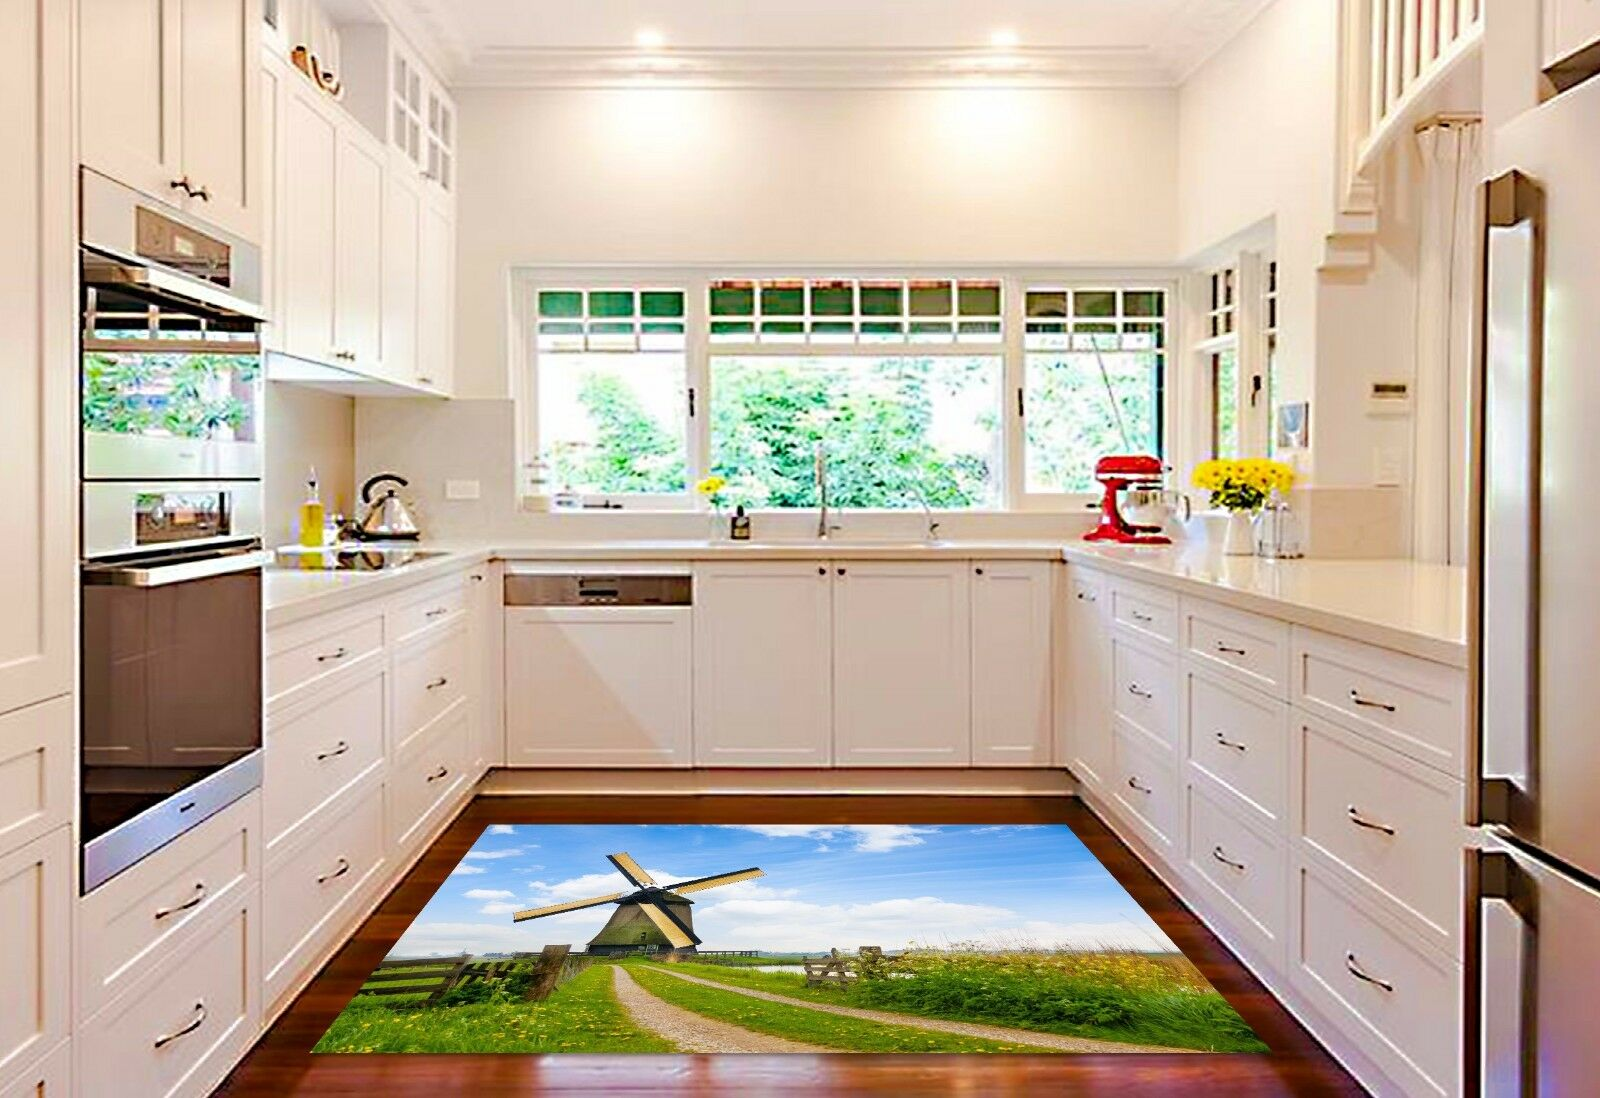 Stampe Da Cucina : 3d mulino sky41 a vento sky41 mulino tappeto da cucina pavimento